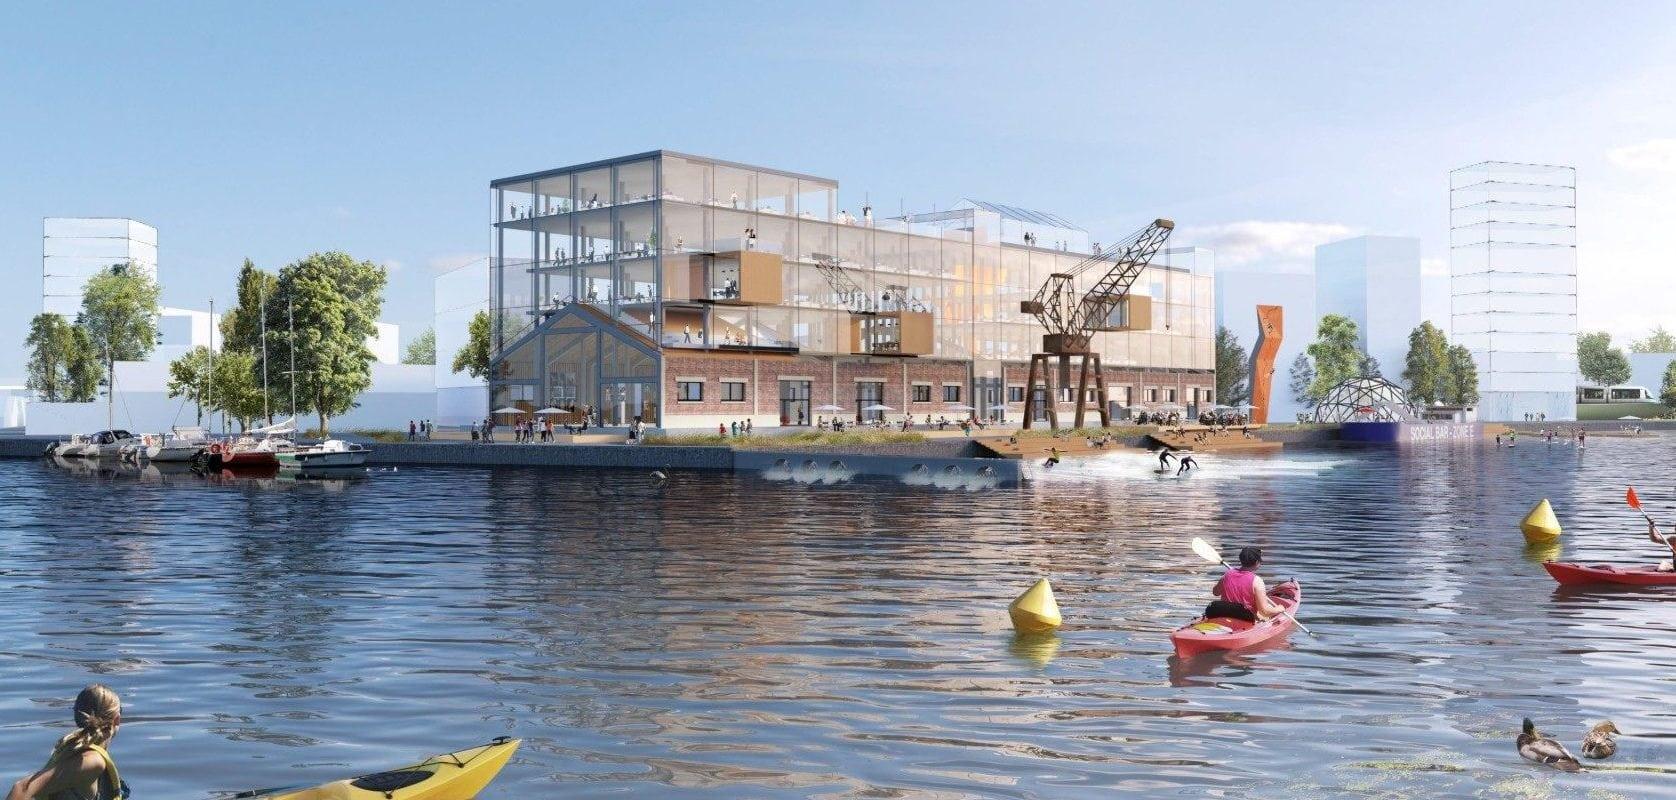 Avec vague de surf et rooftop, bientôt un nid à start-ups à Strasbourg?